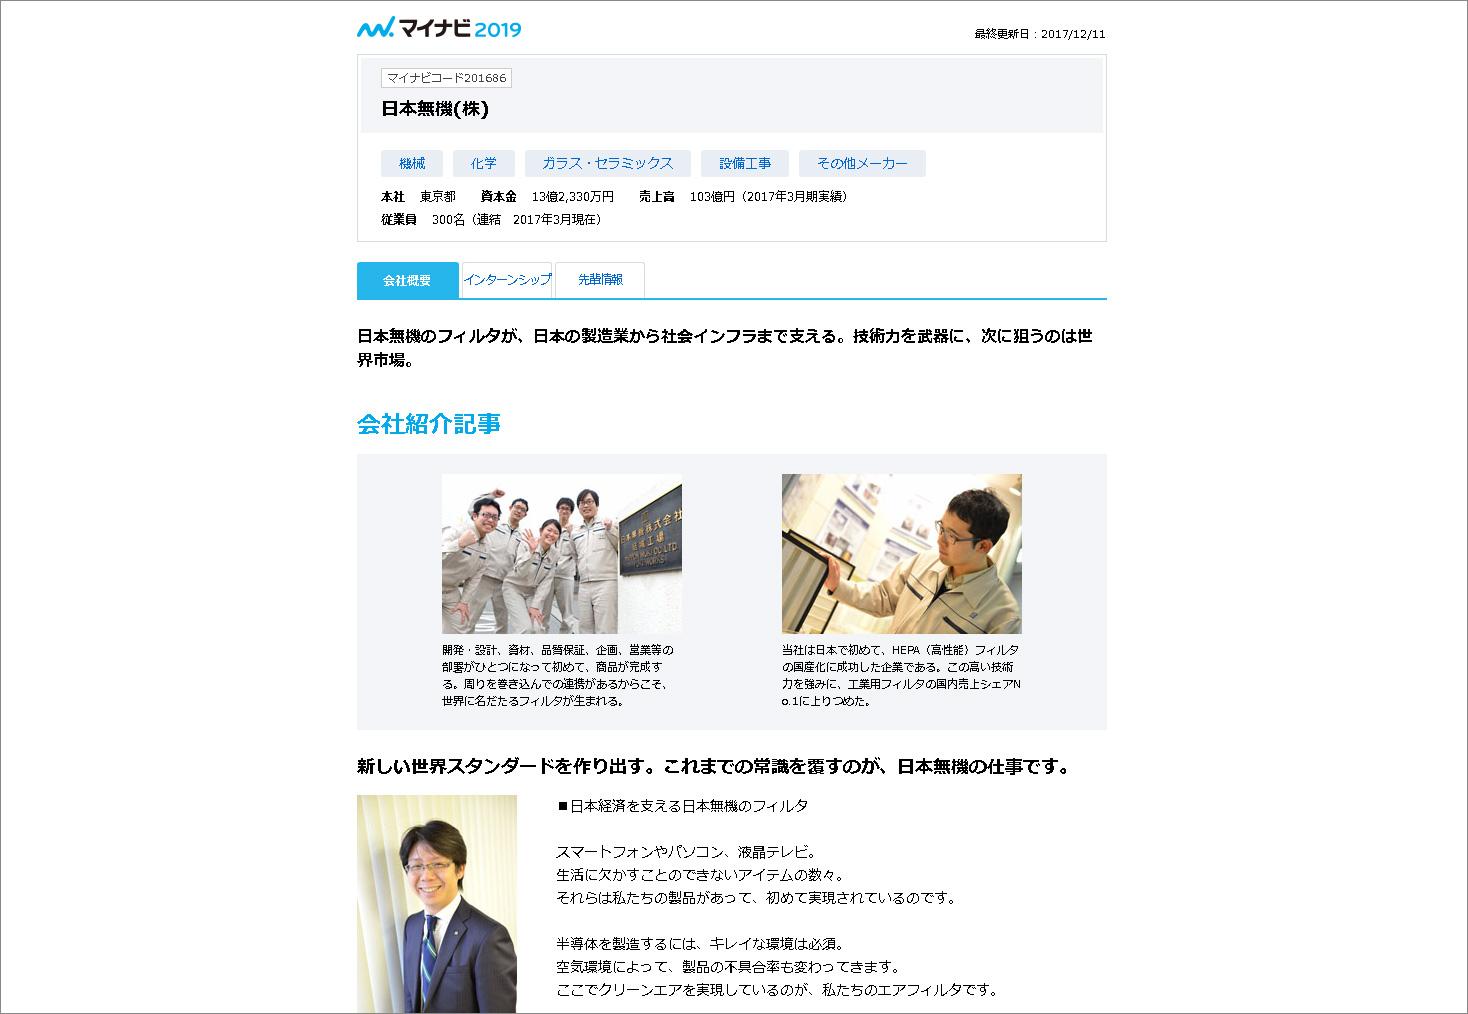 日本無機株式会社マイナビ2019ページ